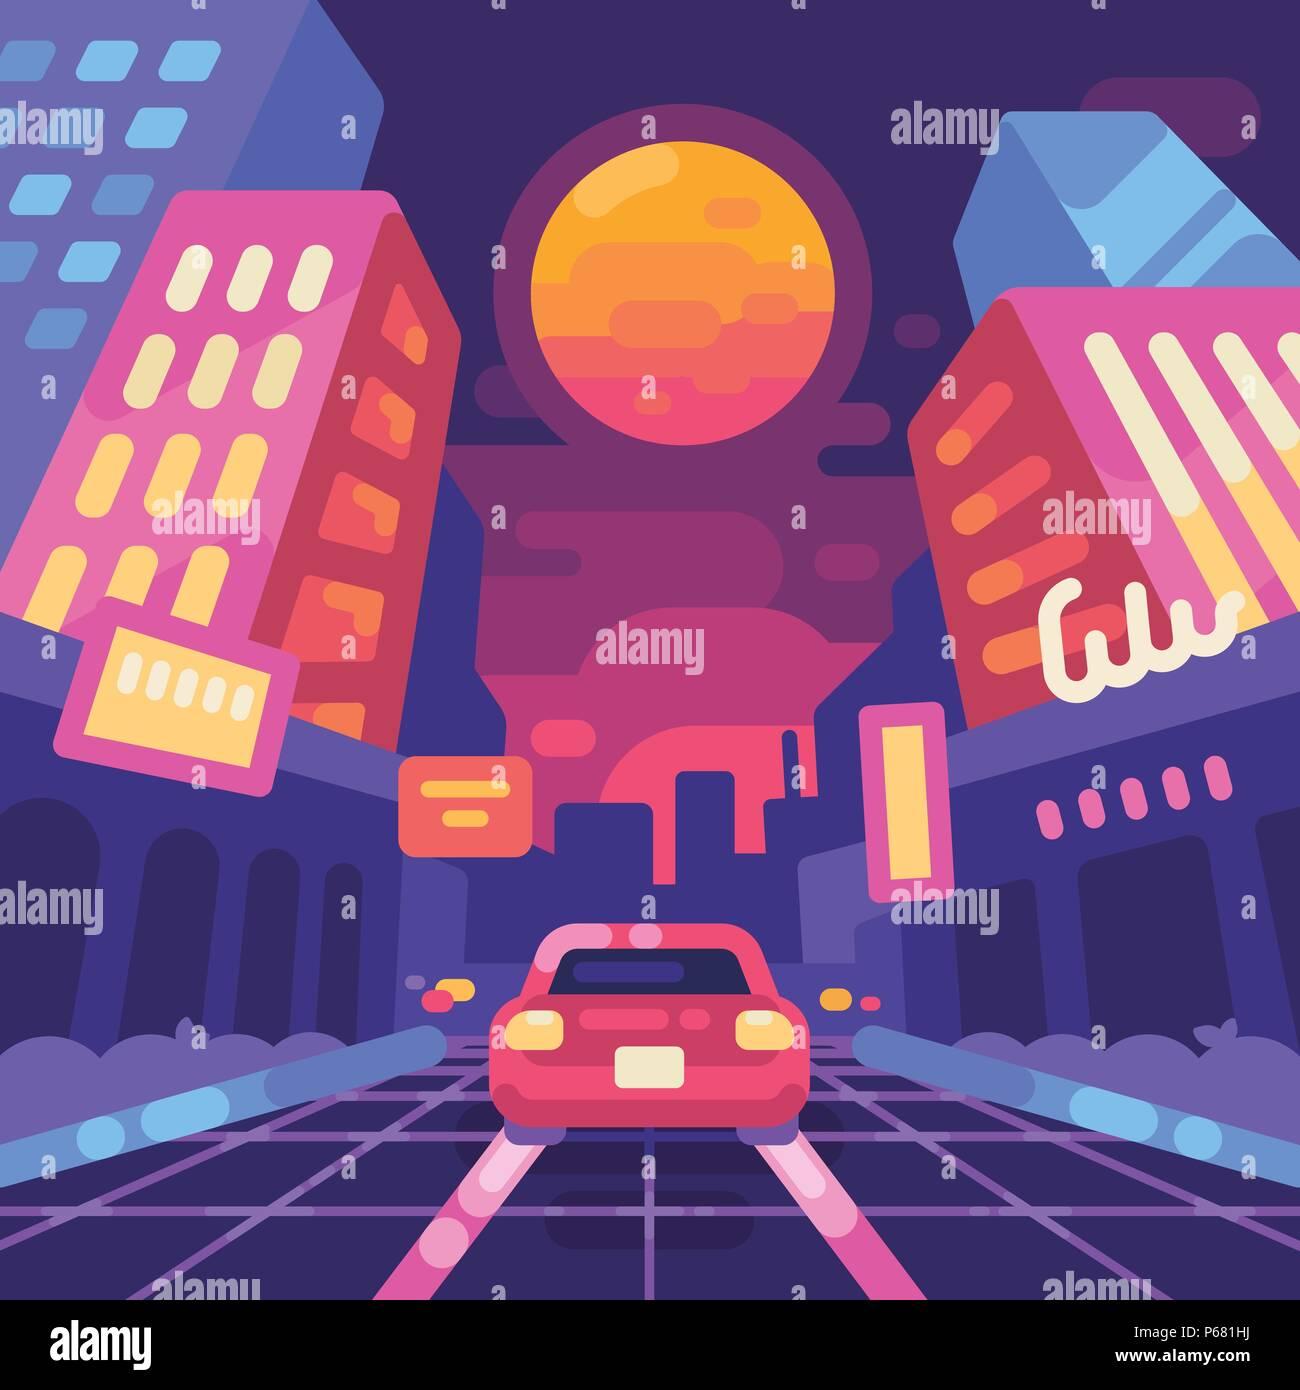 Night neon city street 1980s style flat illustration  New